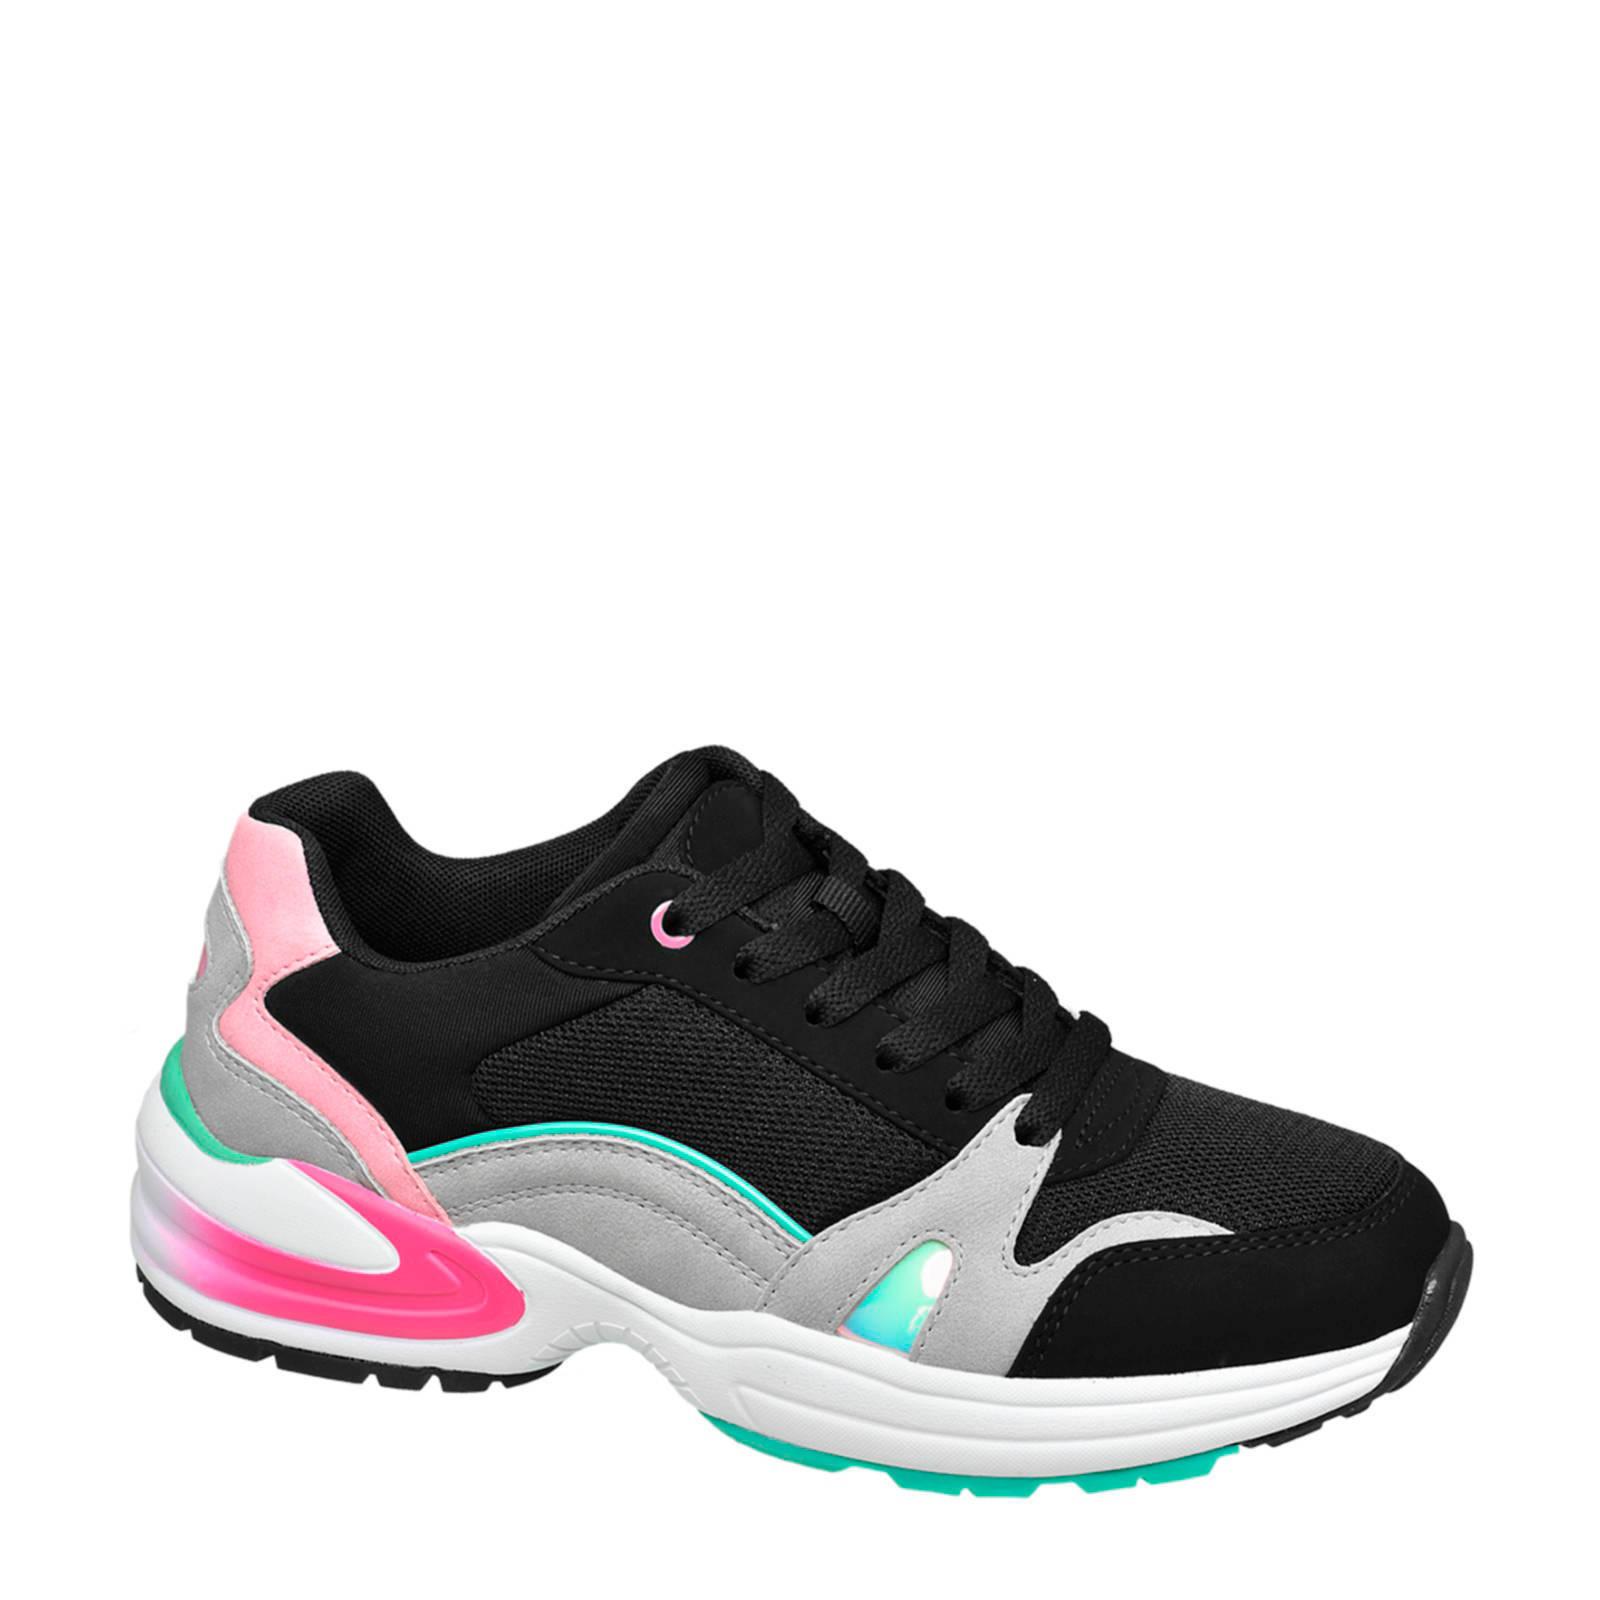 e8ec2754f0f Dames Wehkamp Gratis Sneakers Bij Vanaf Bezorging 20 4R3jL5Aq